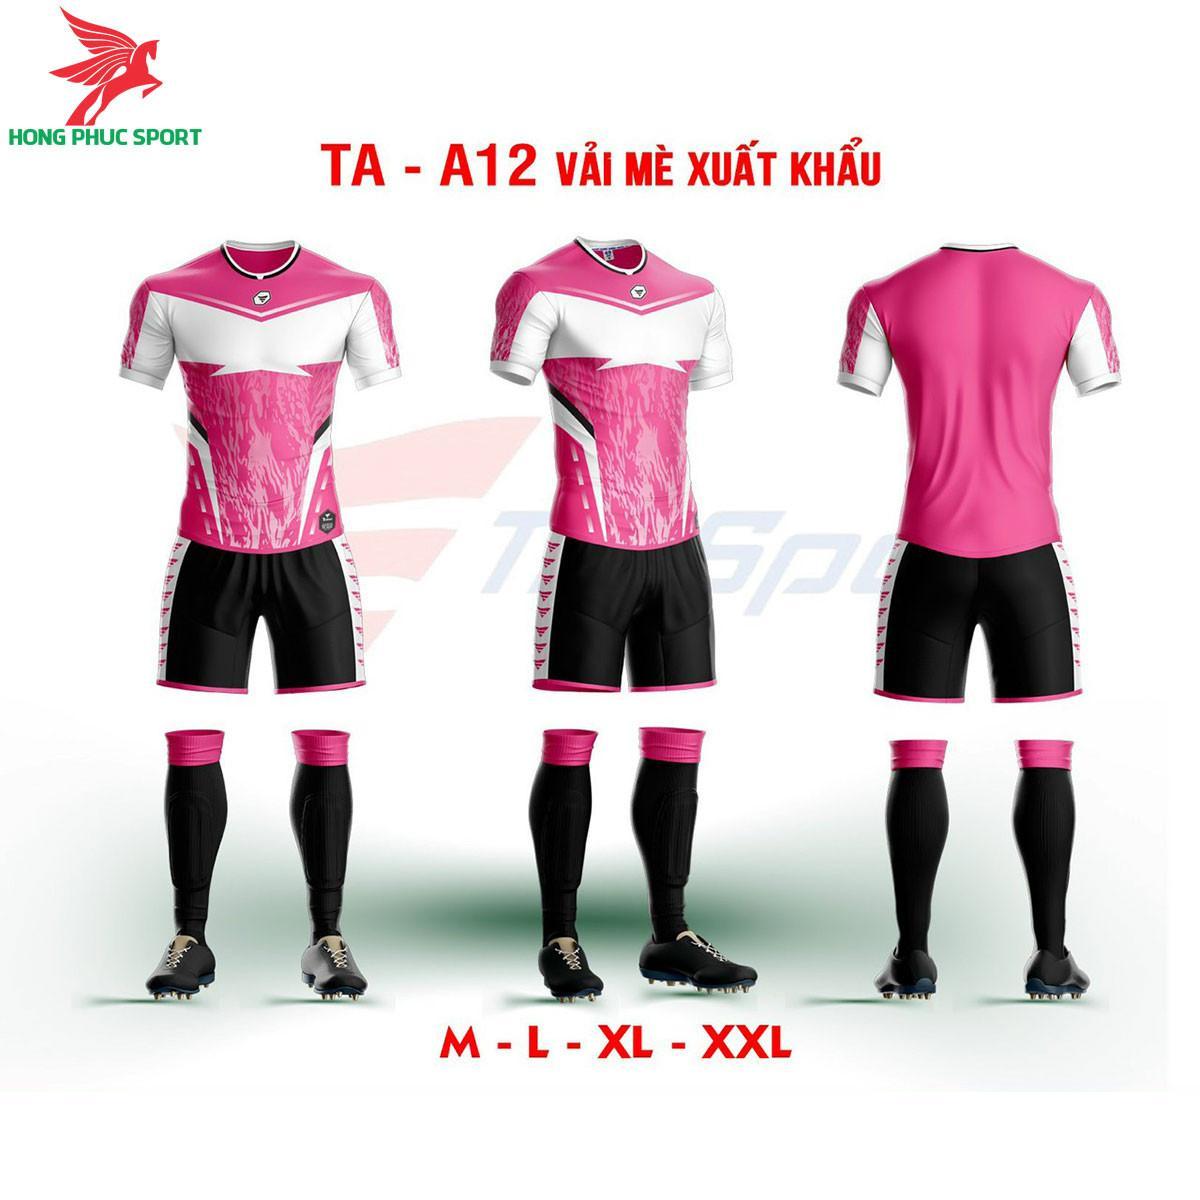 Áo bóng đá không logo TA-A12màu Hồng